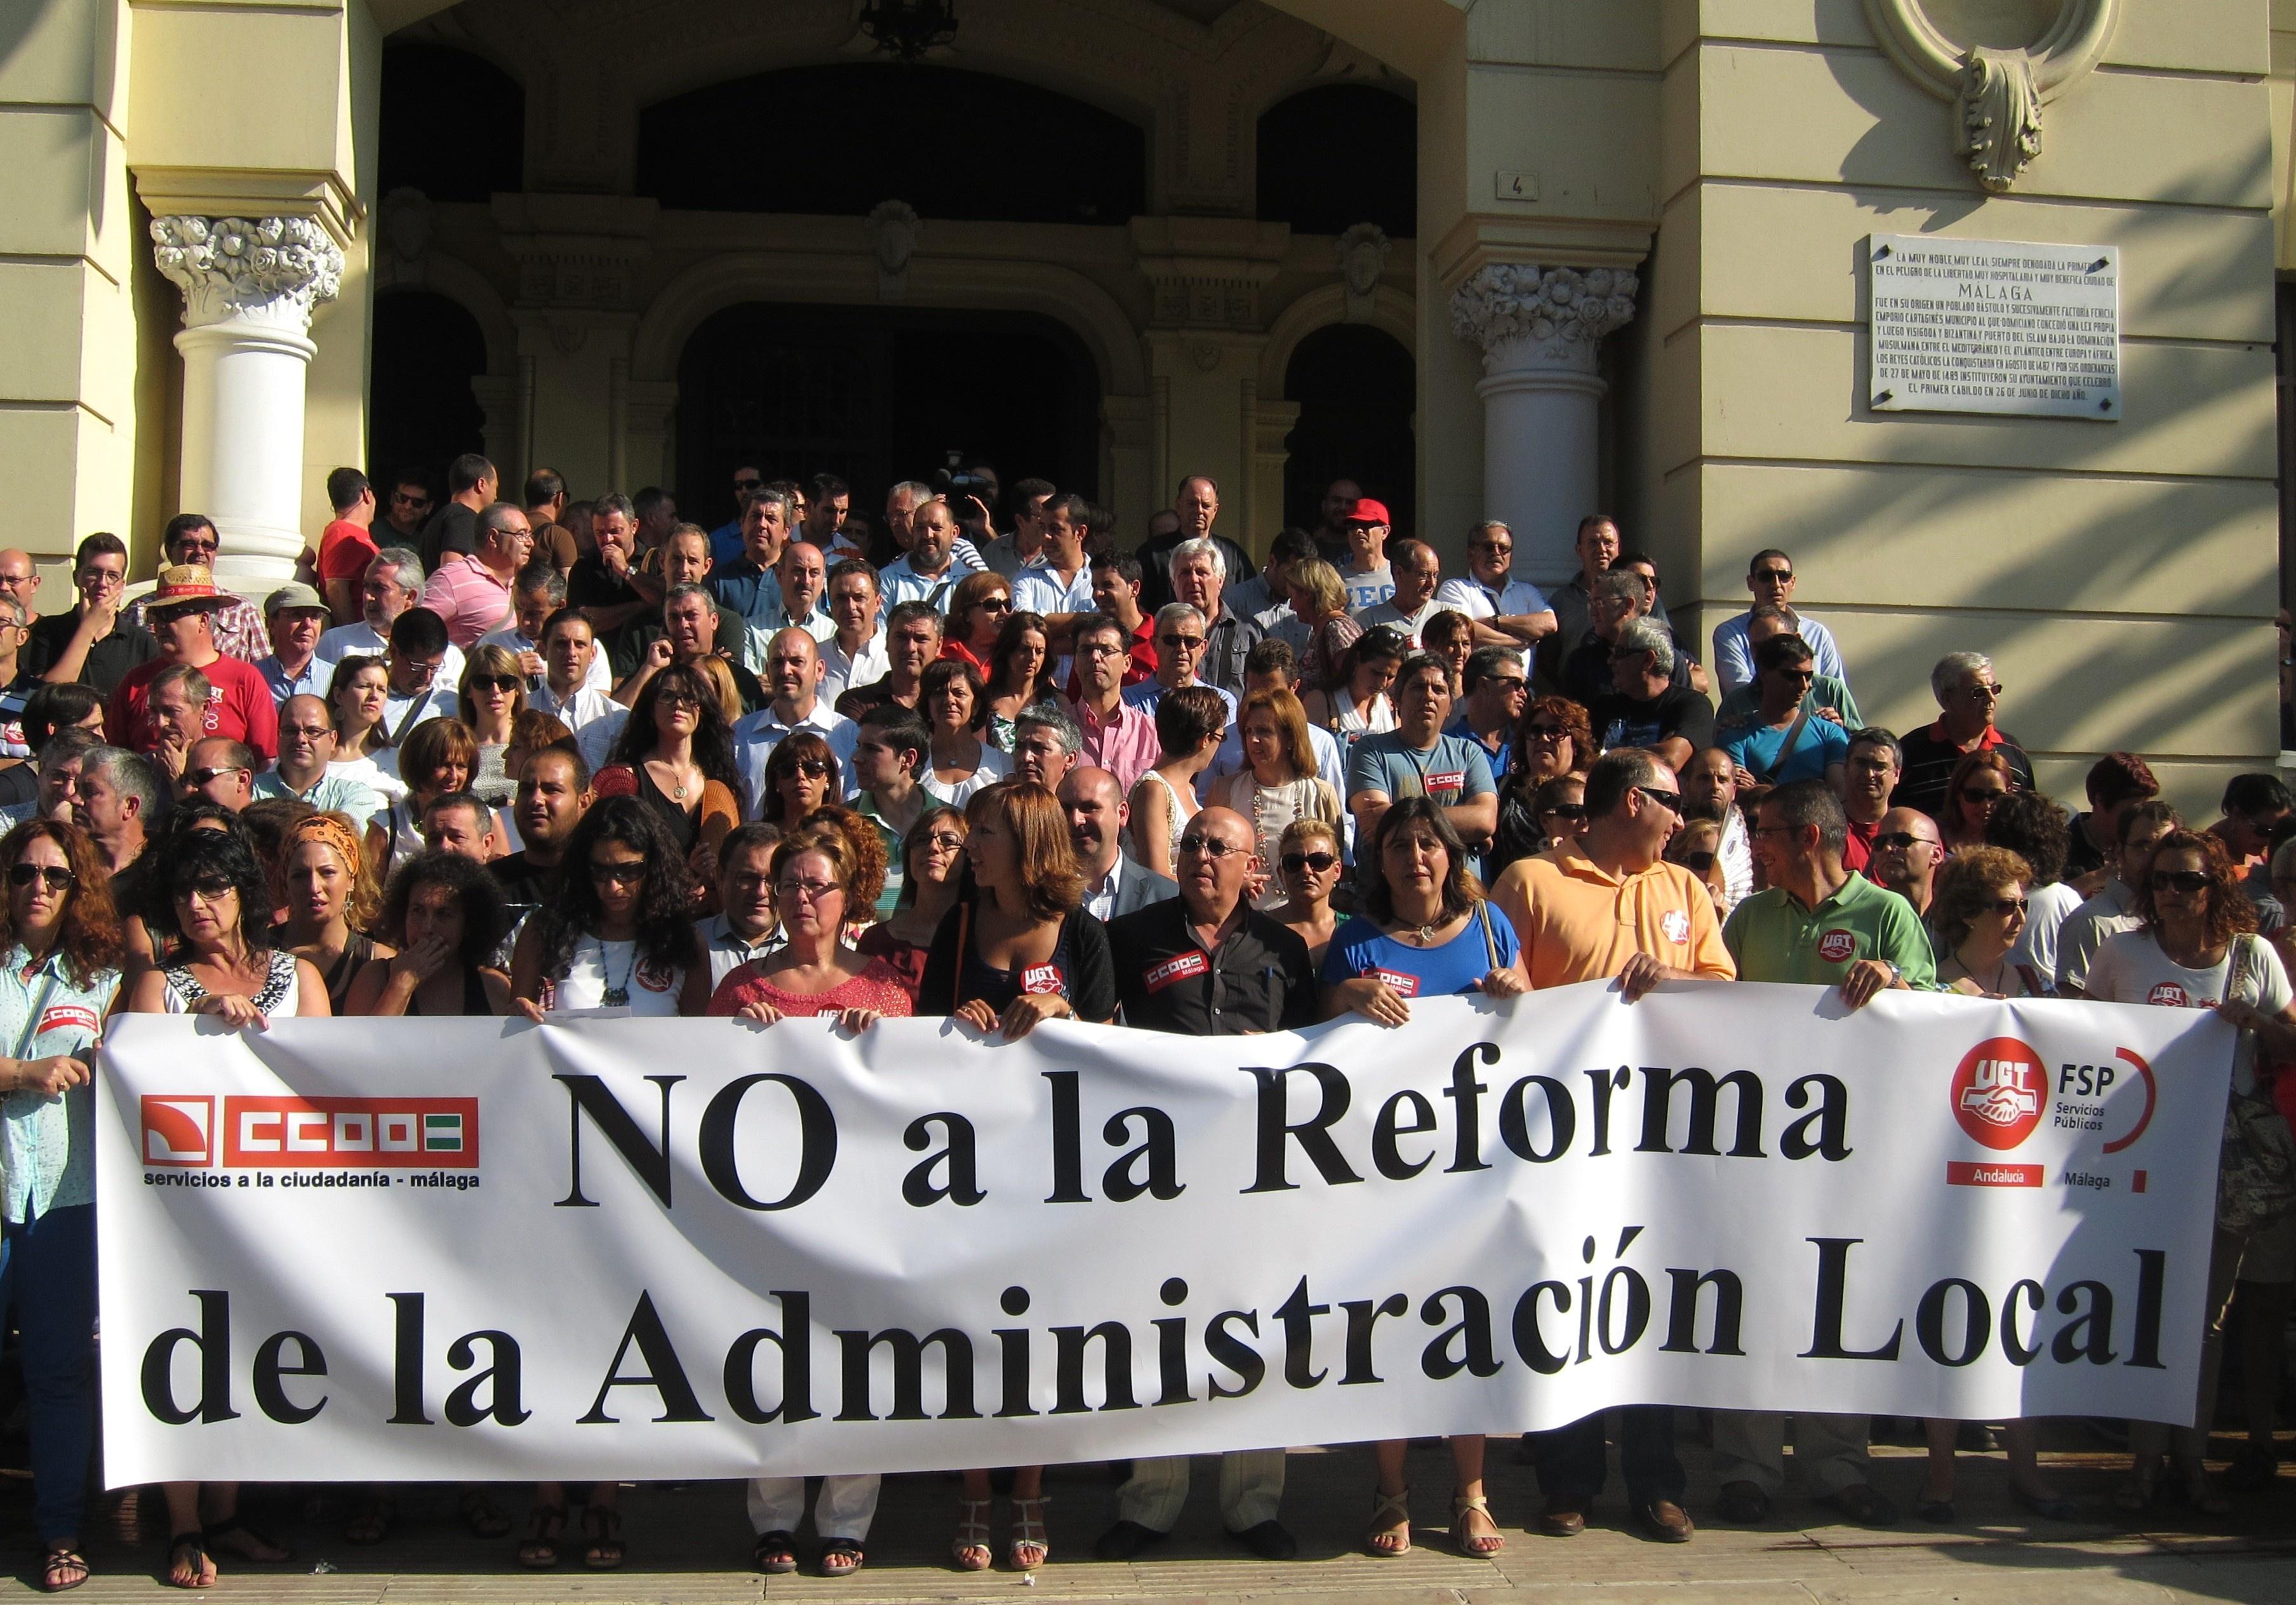 PSOE-A pide al Gobierno que «aplace de manera definitiva» la reforma local y que empiece un nuevo proceso con «consenso»